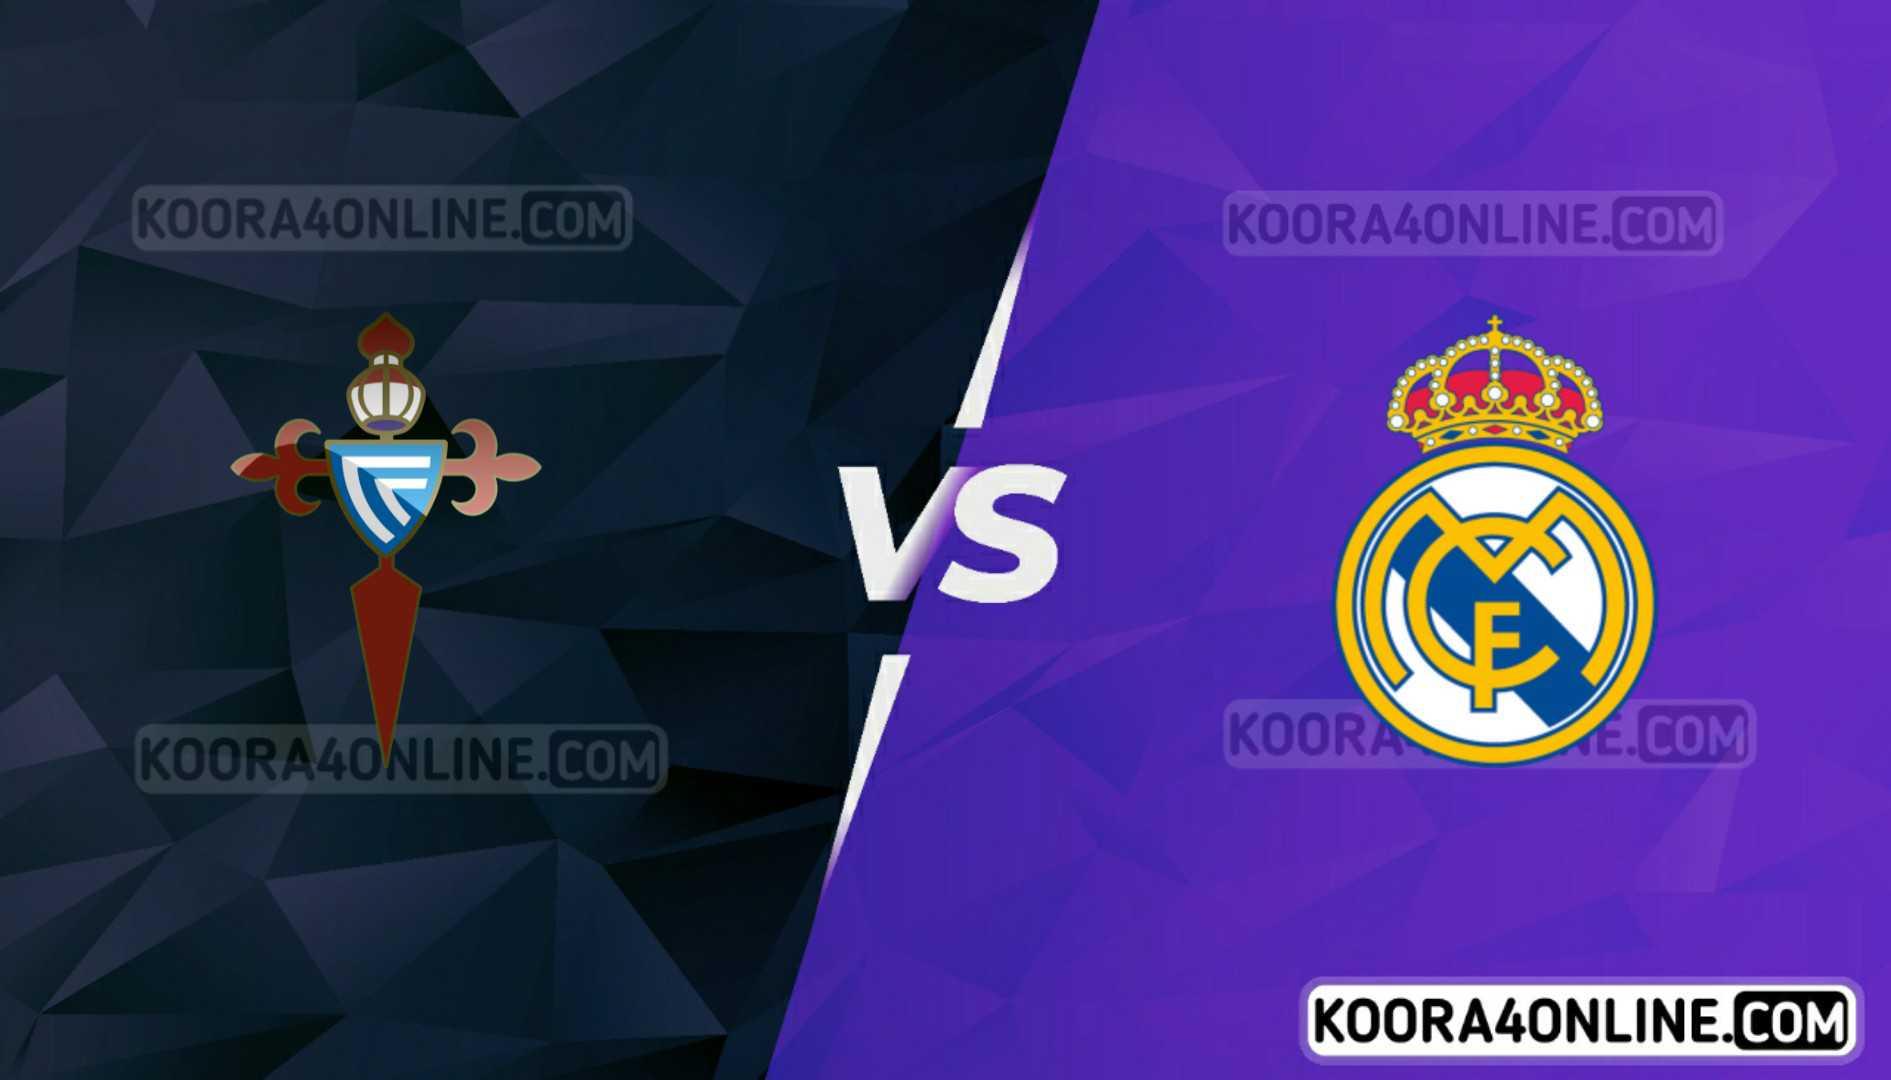 مشاهدة مباراة ريال مدريد وسيلتا فيغو القادمة كورة اون لاين بث مباشر اليوم 12-09-2021 في الدوري الإسباني